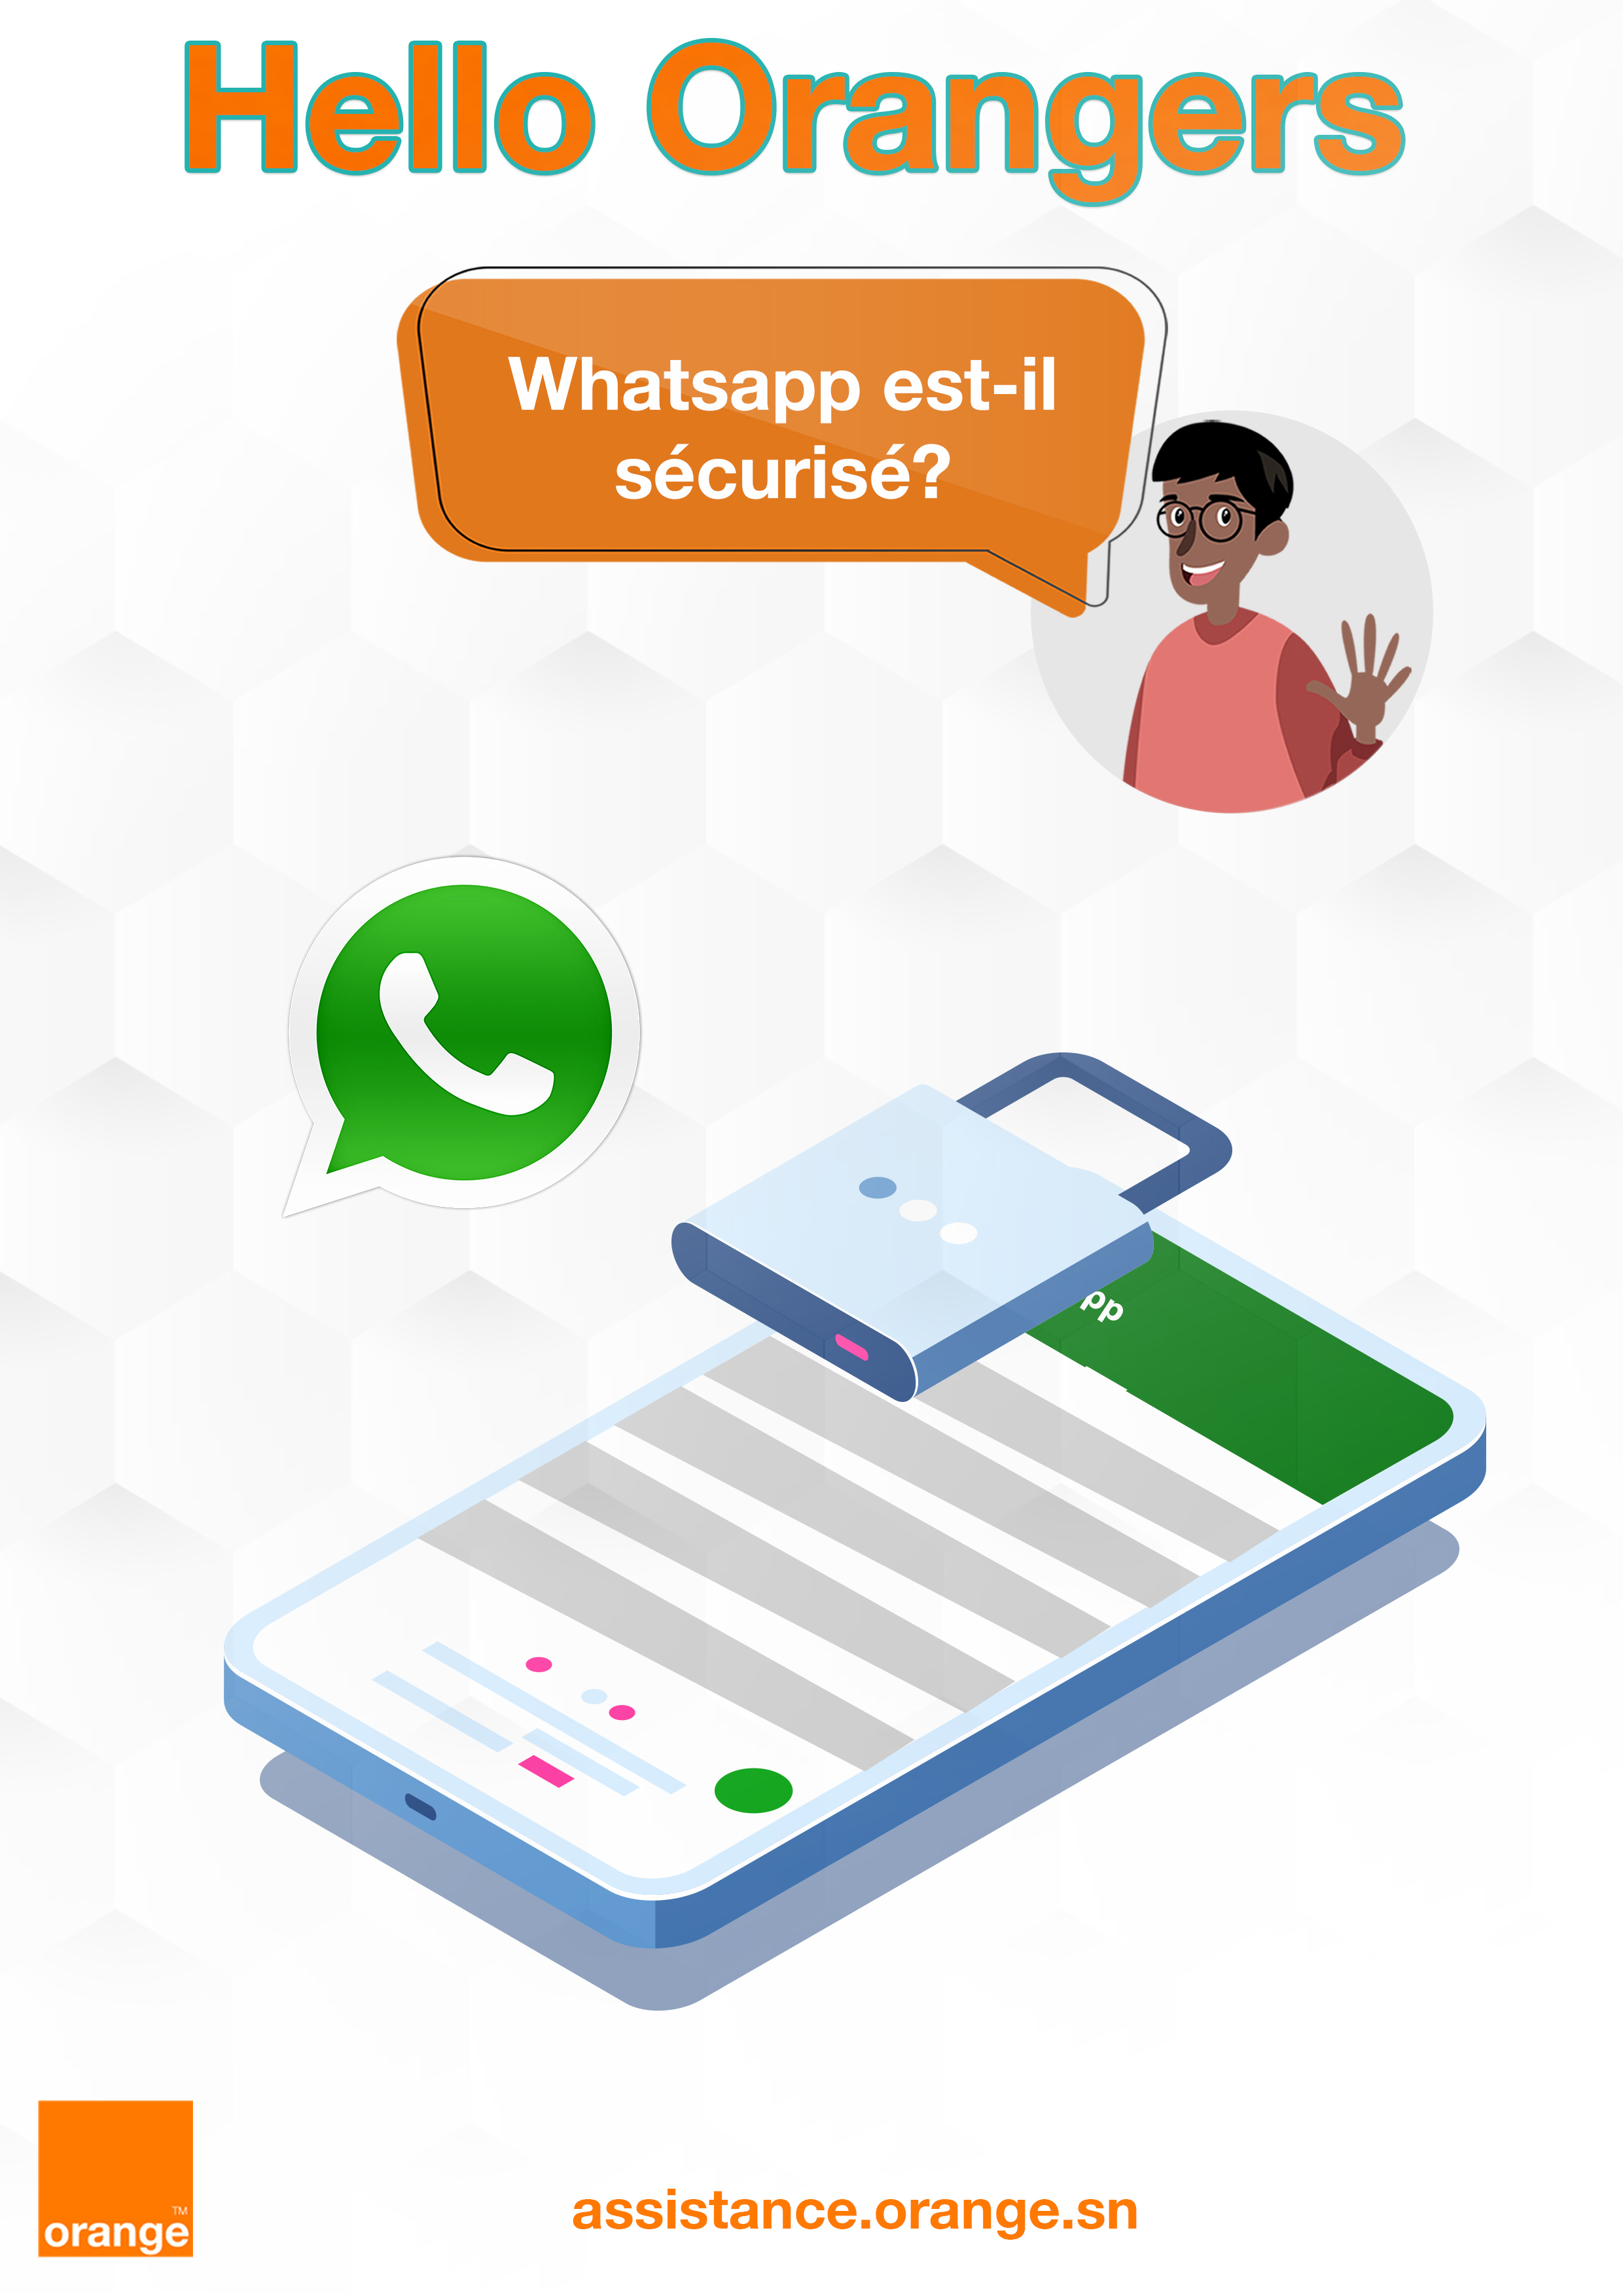 whatsapp est-il sécurisé.jpg